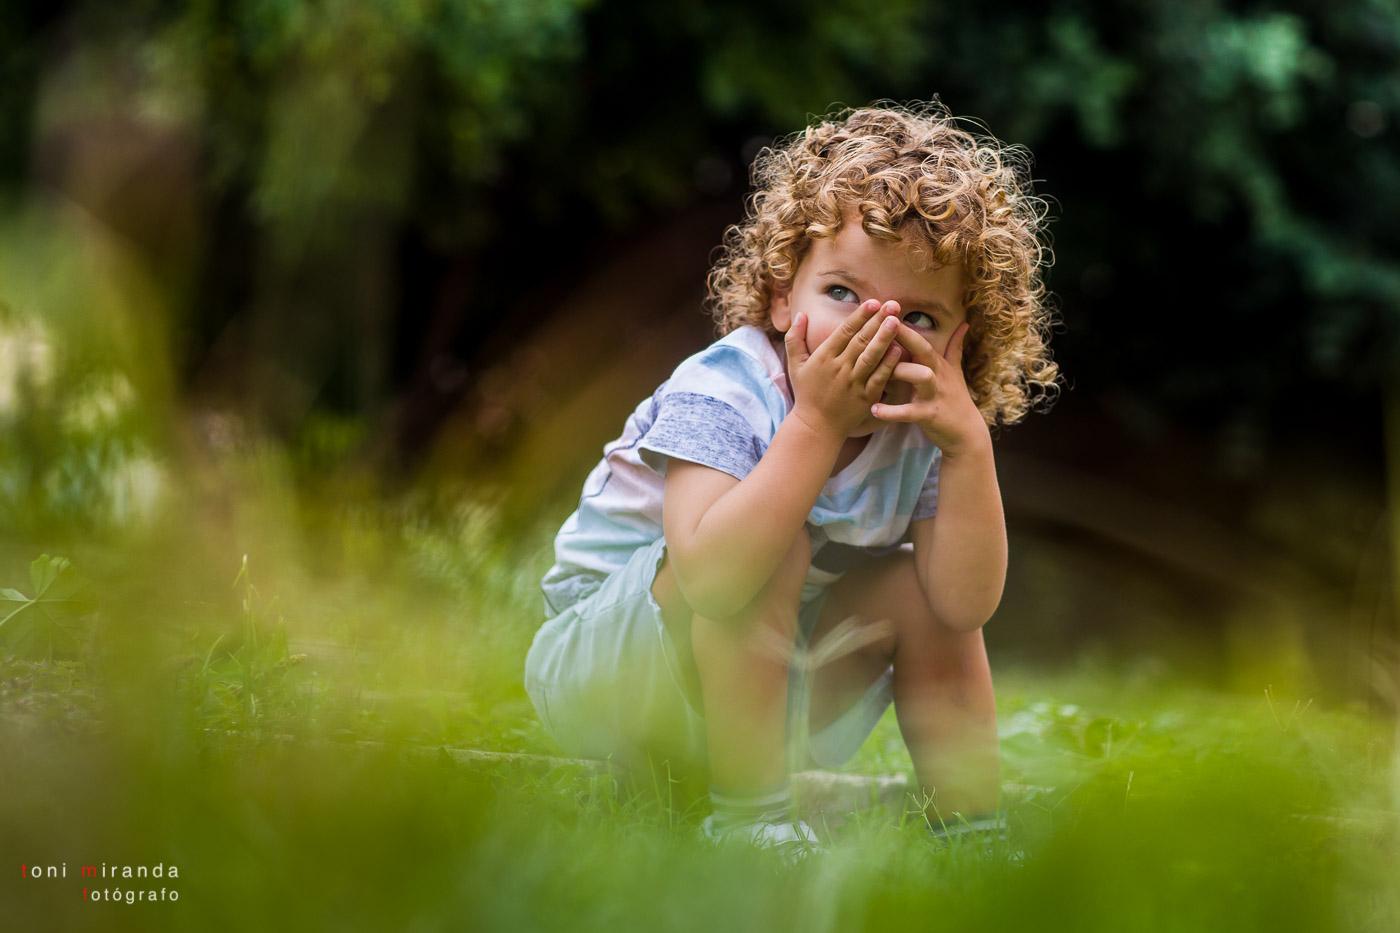 niño rubio de pelo rizado jugando en el parque